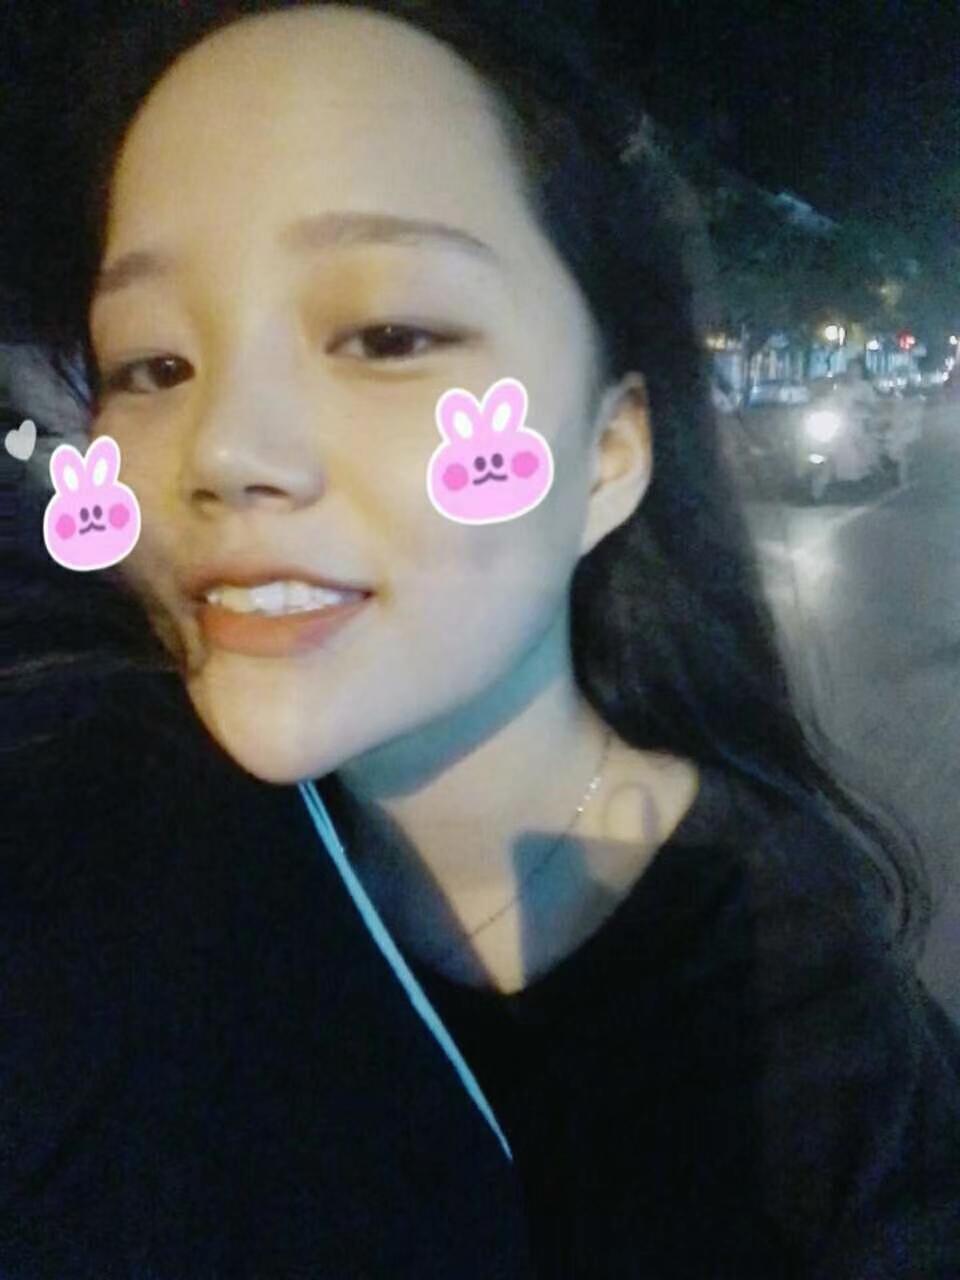 美悦日记 | 牙齿严重拥挤,21副隐形牙套,悄悄改变了她微笑的模样!